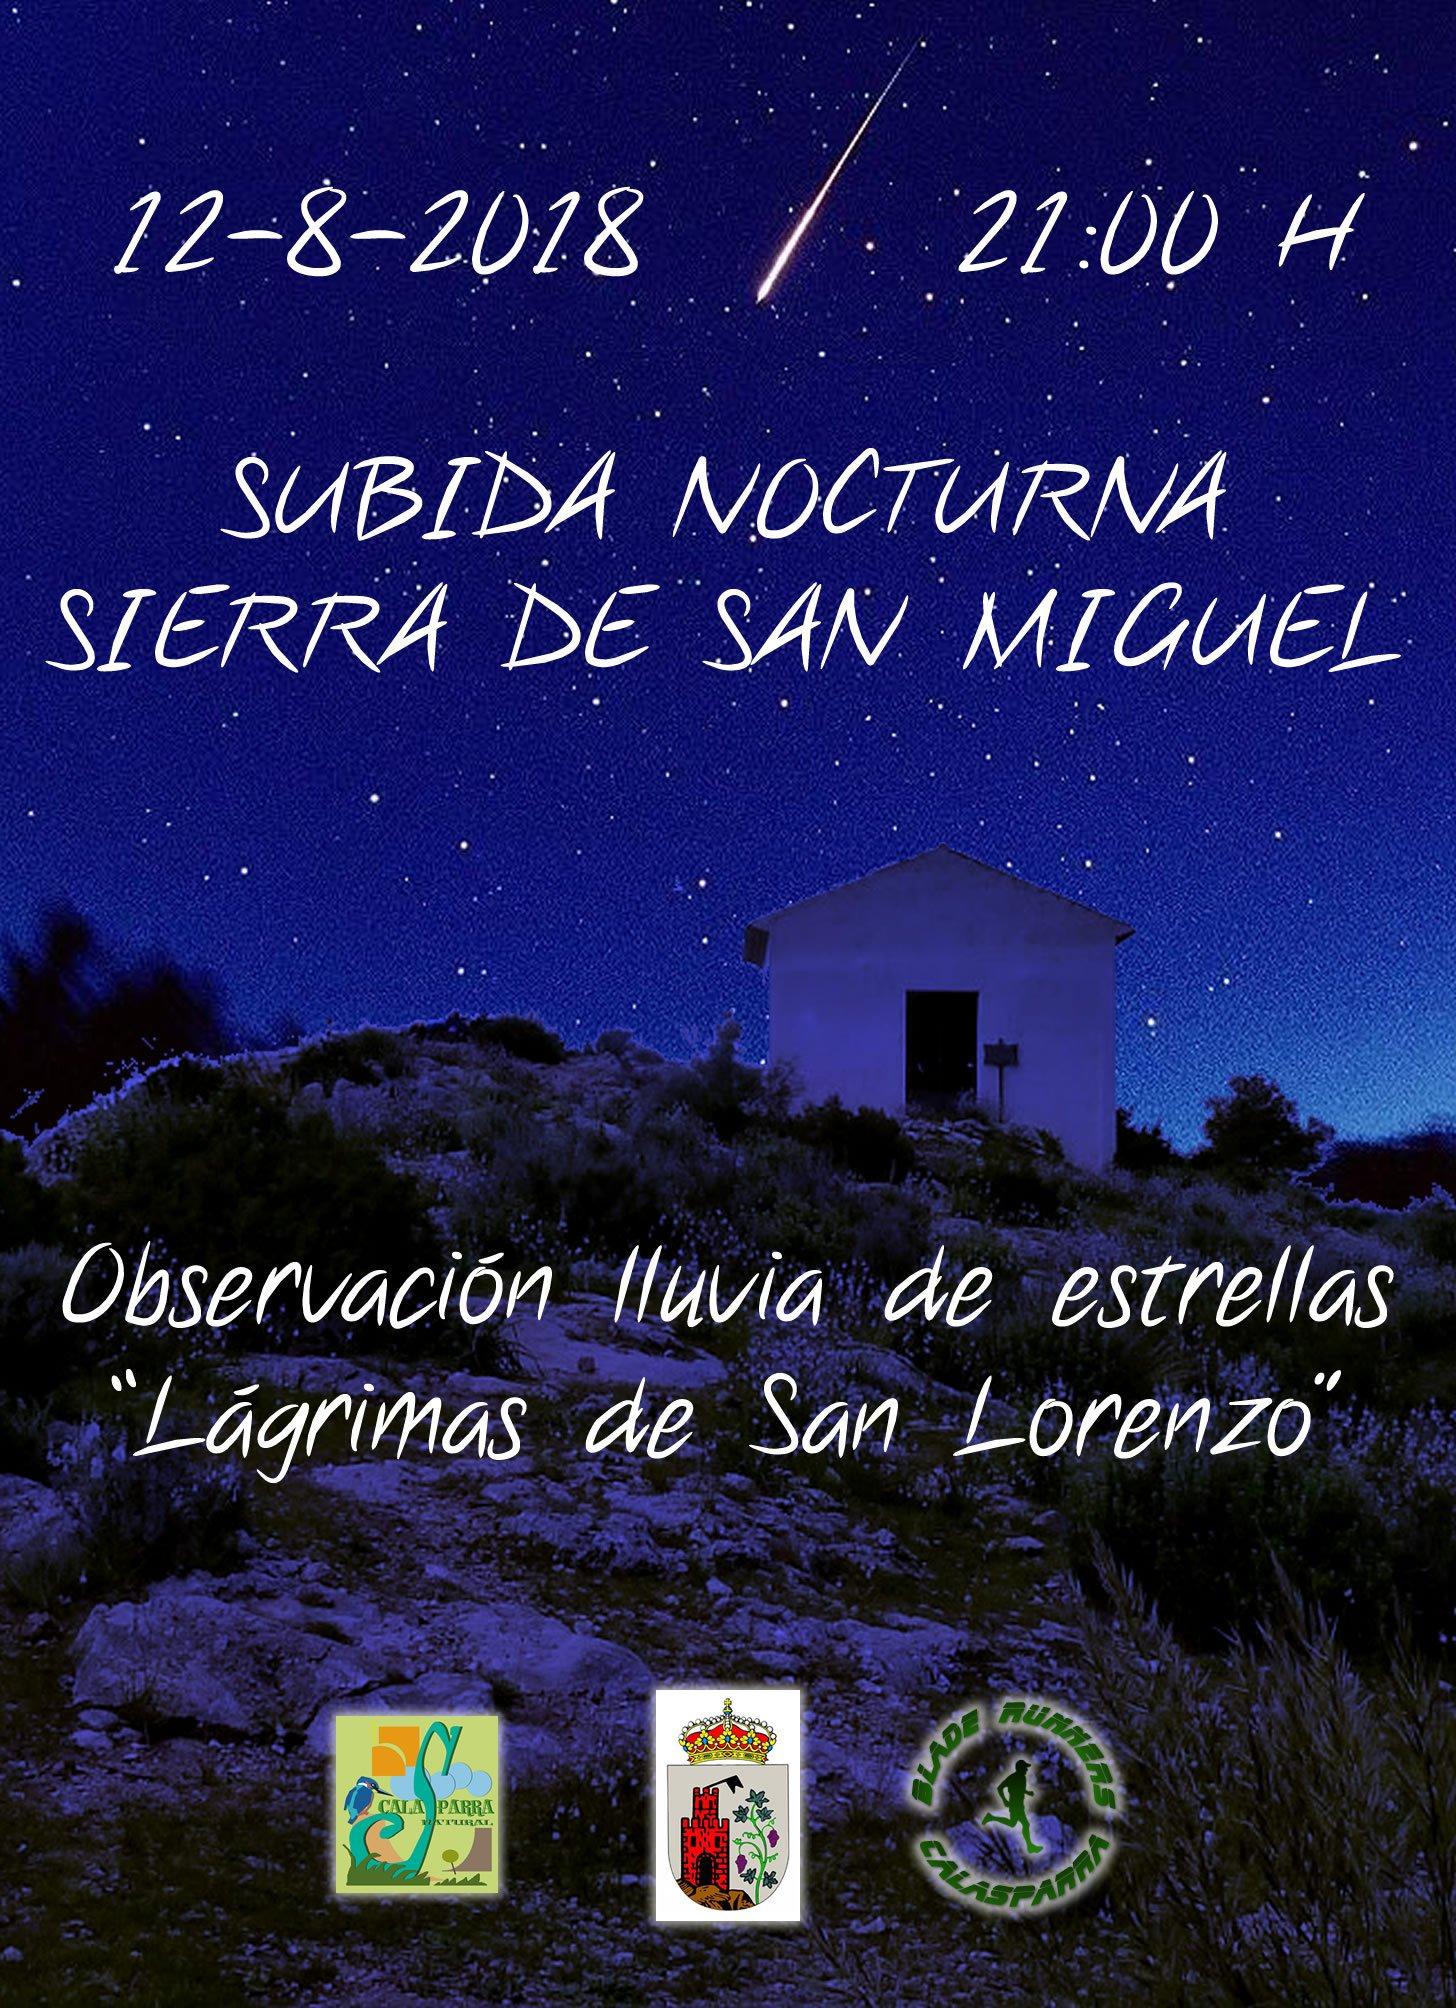 Cartel Subida Nocturna Ermita San Miguel Lluvia De Estrellas